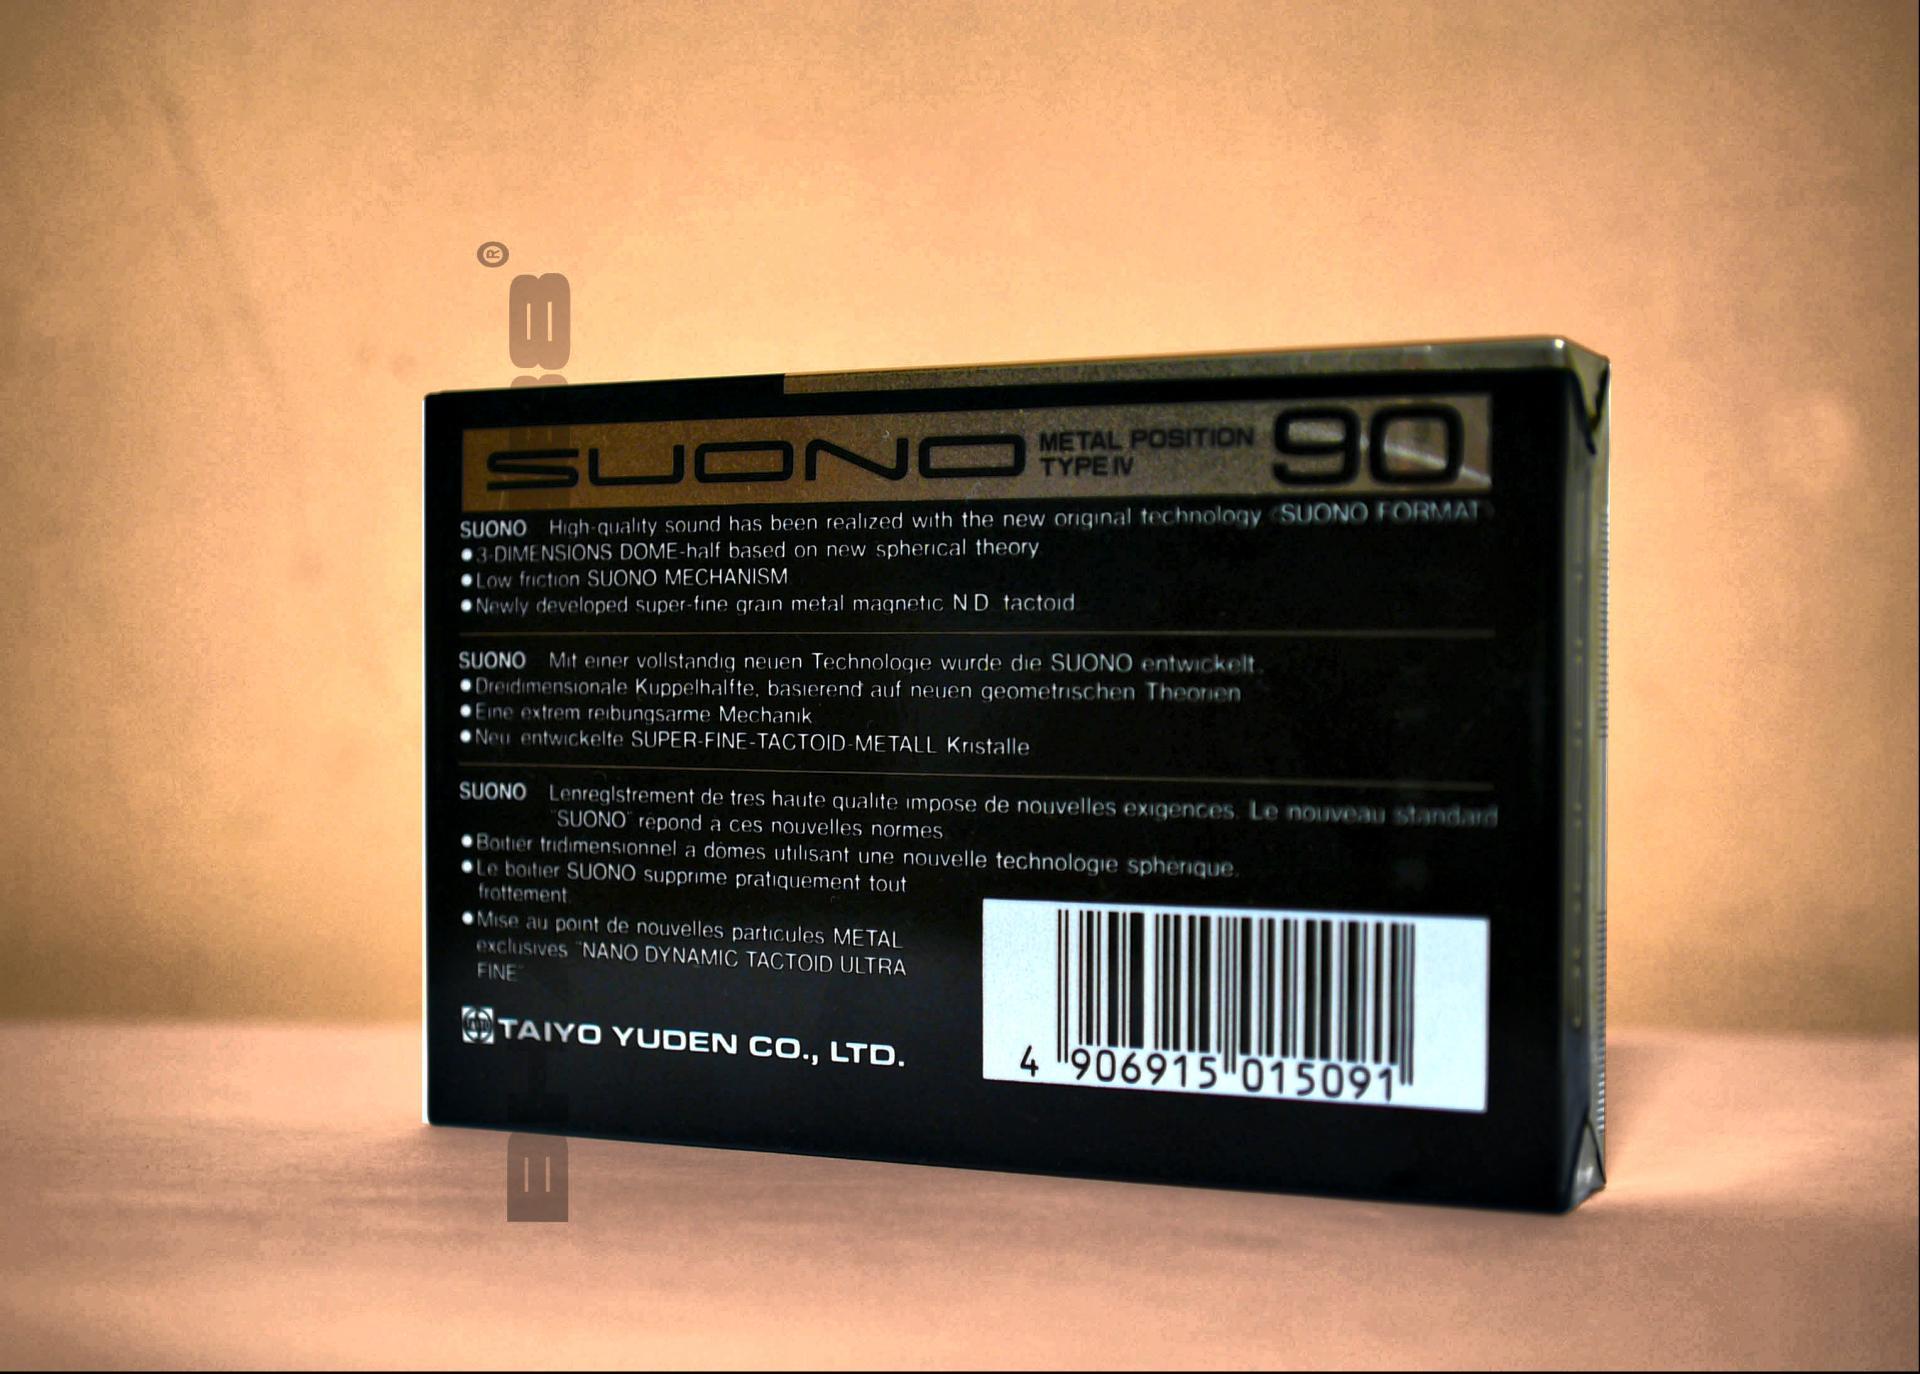 That's SUONO 90 - 02